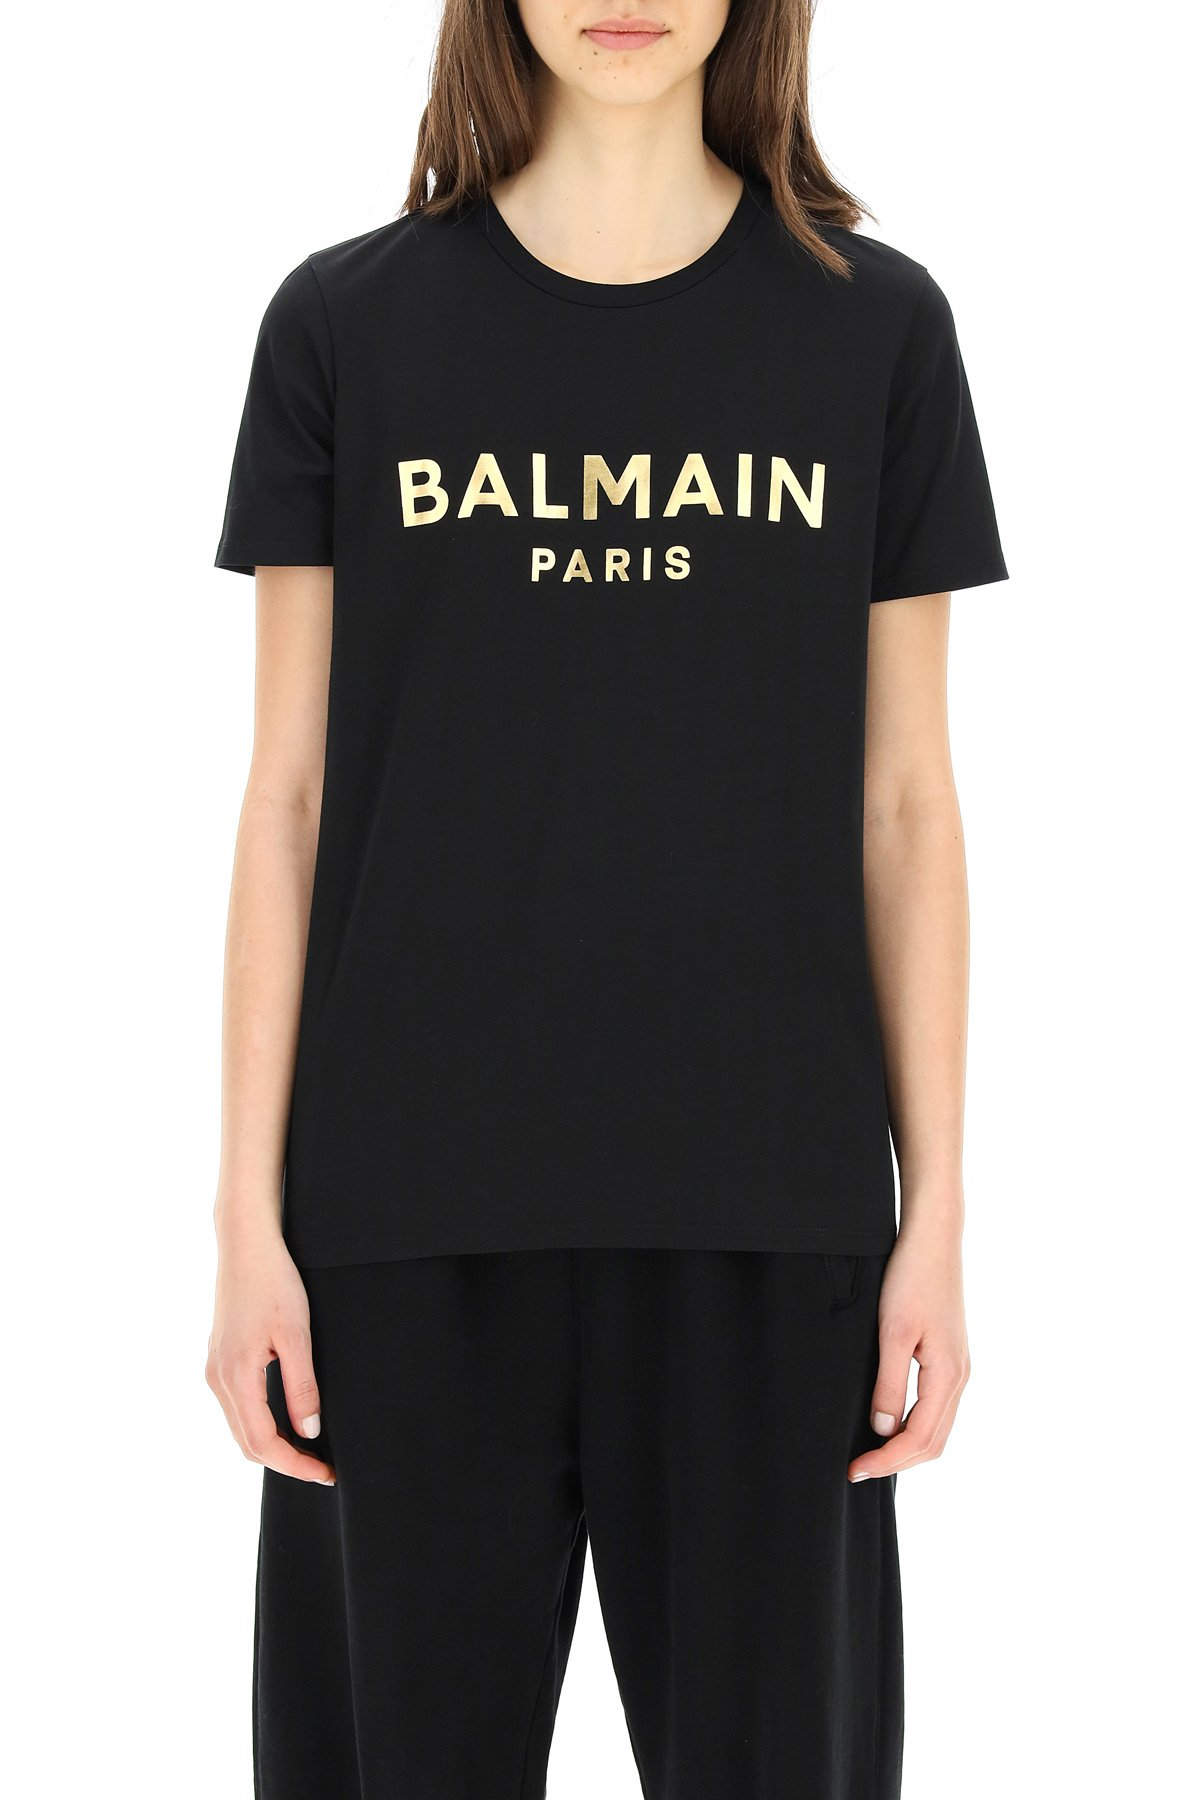 Balmain t-shirt con logo metallico